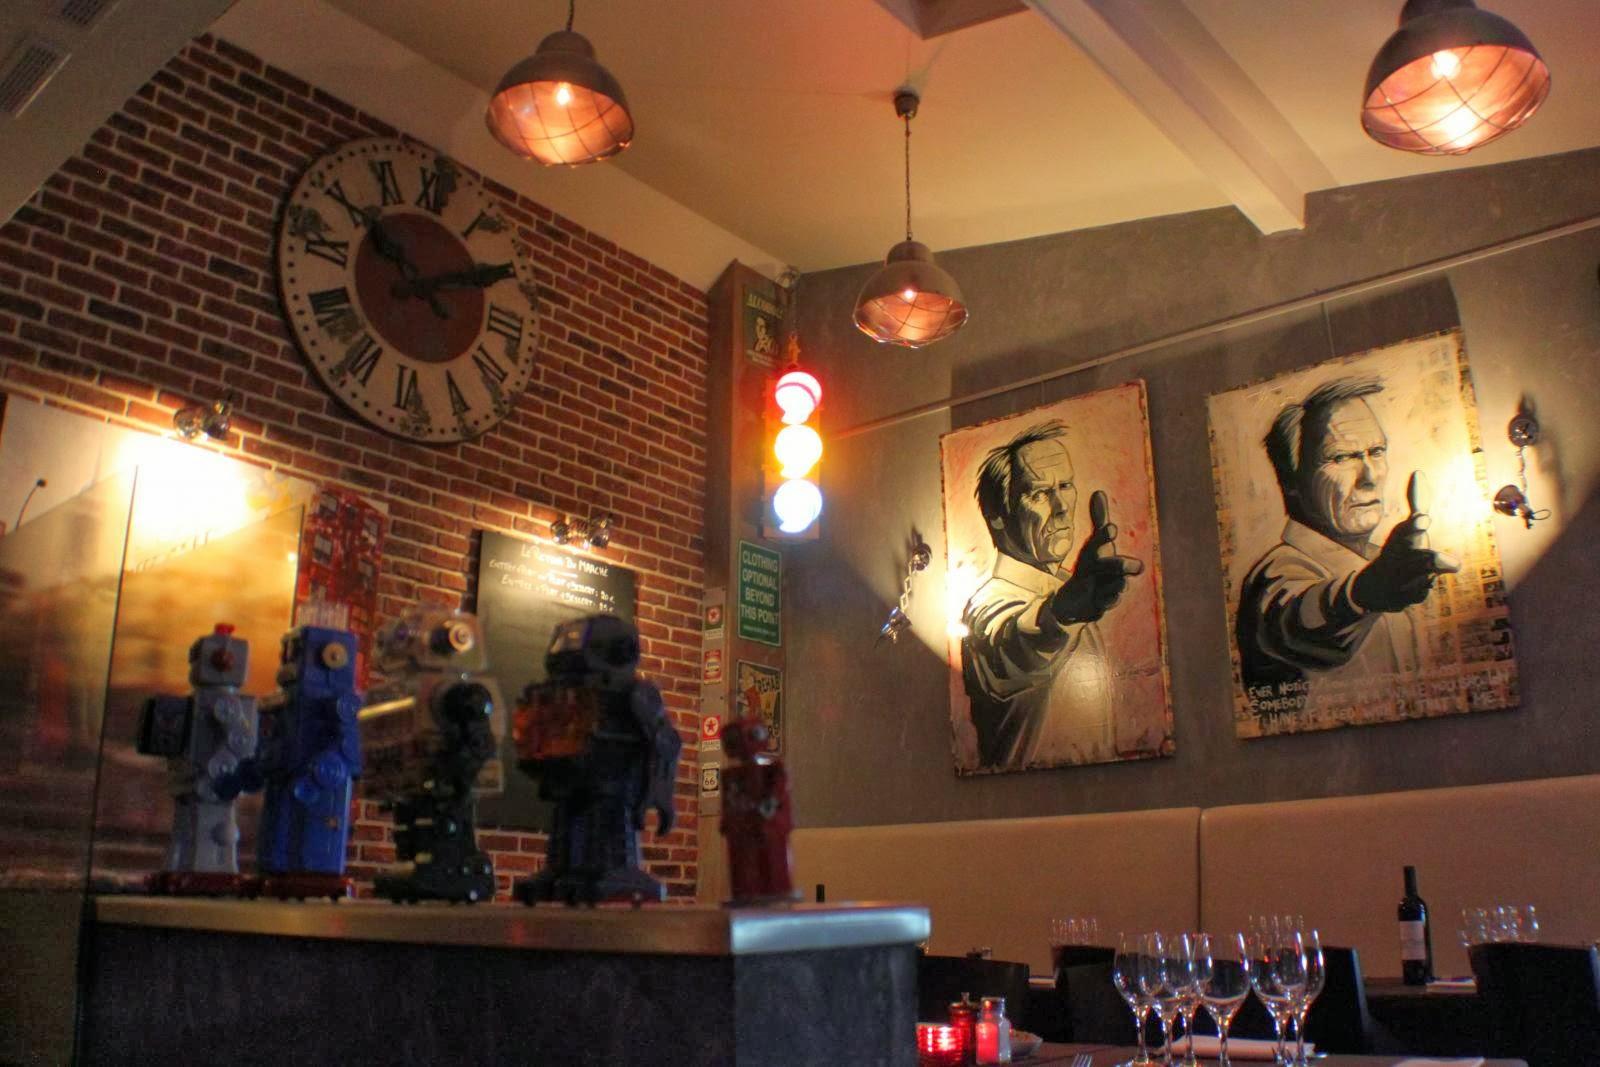 By miss laeti la salle manger boulogne billancourt - La salle a manger paris ...